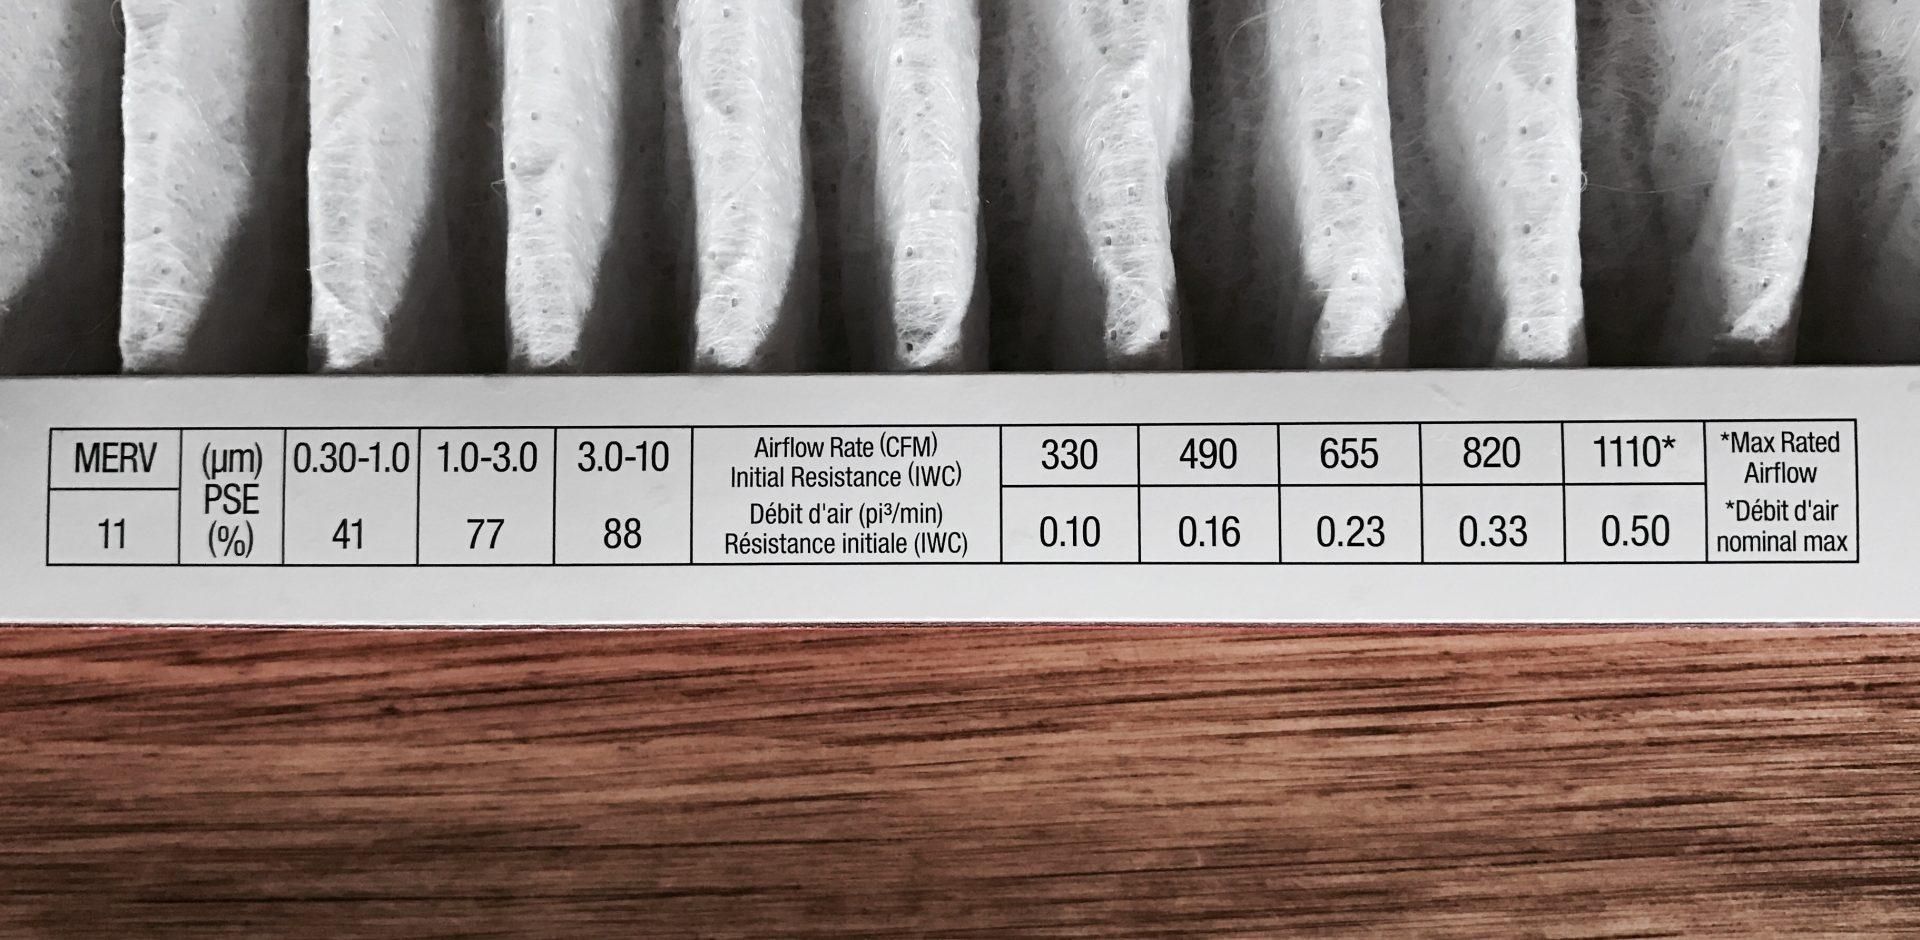 Air Filter Static Pressure Drop